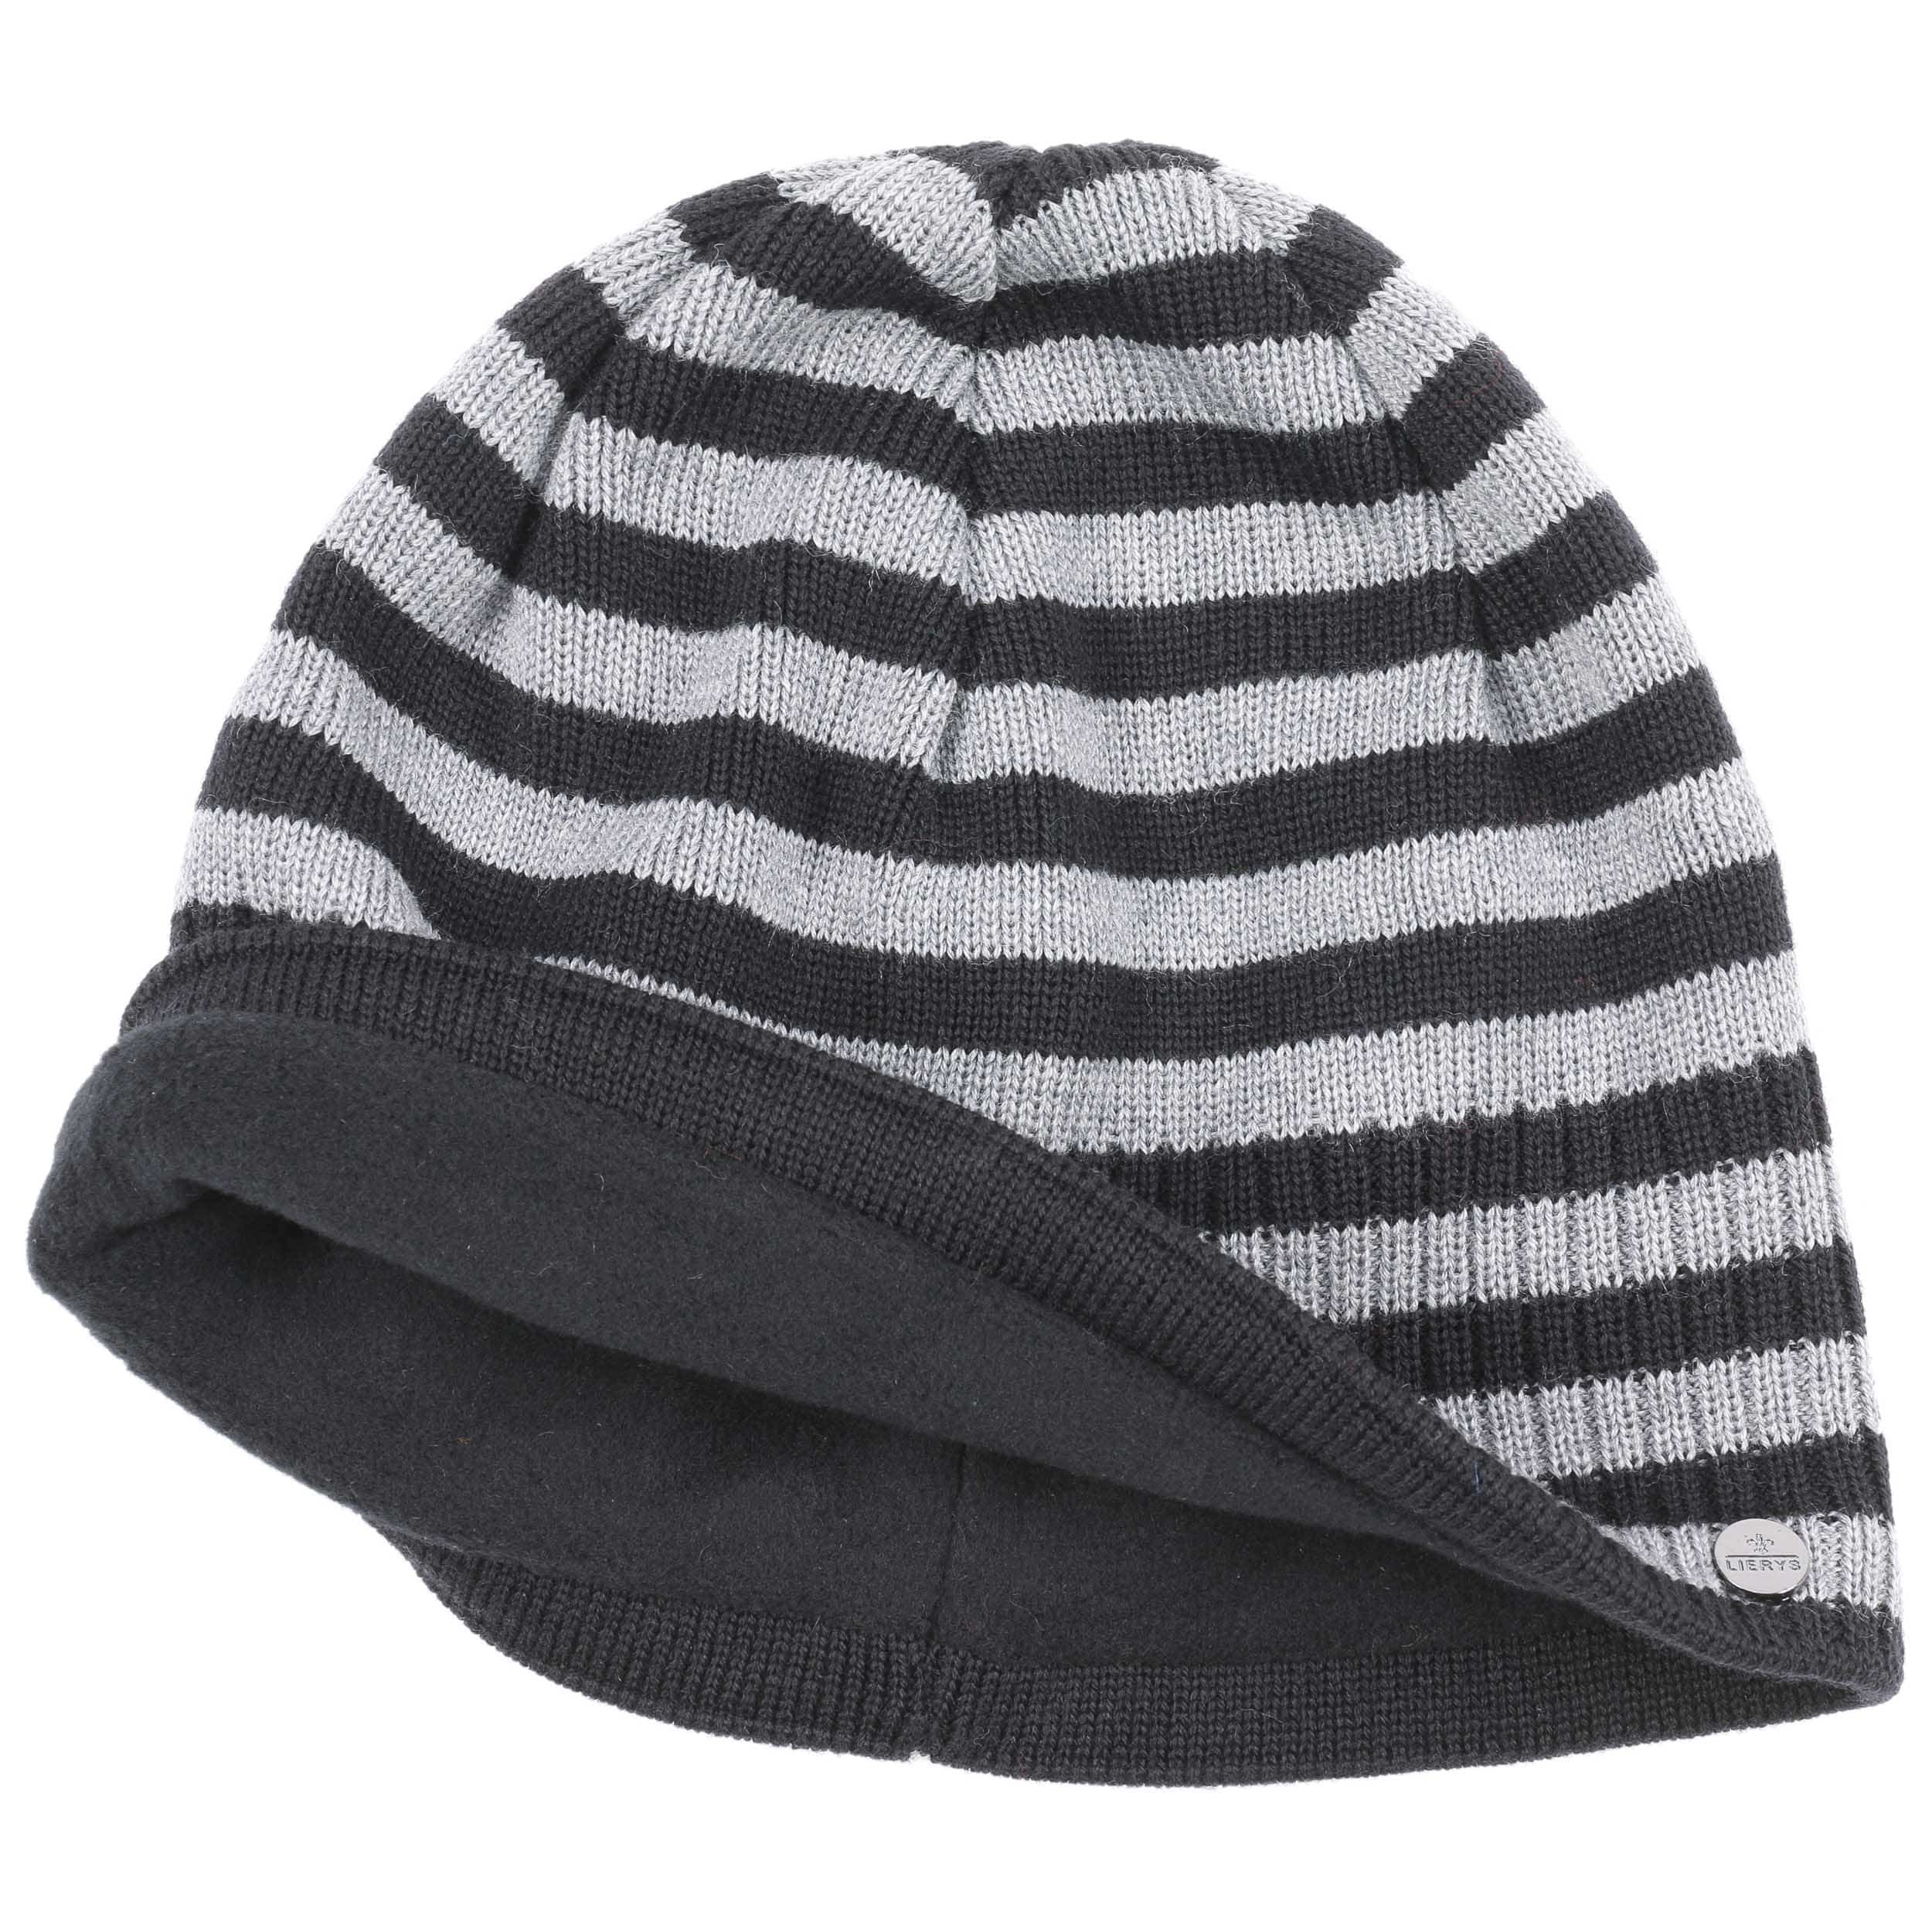 11b7c3a4f31cdc ... Merino Stripes Beanie Knit Hat by Lierys - black 1 ...